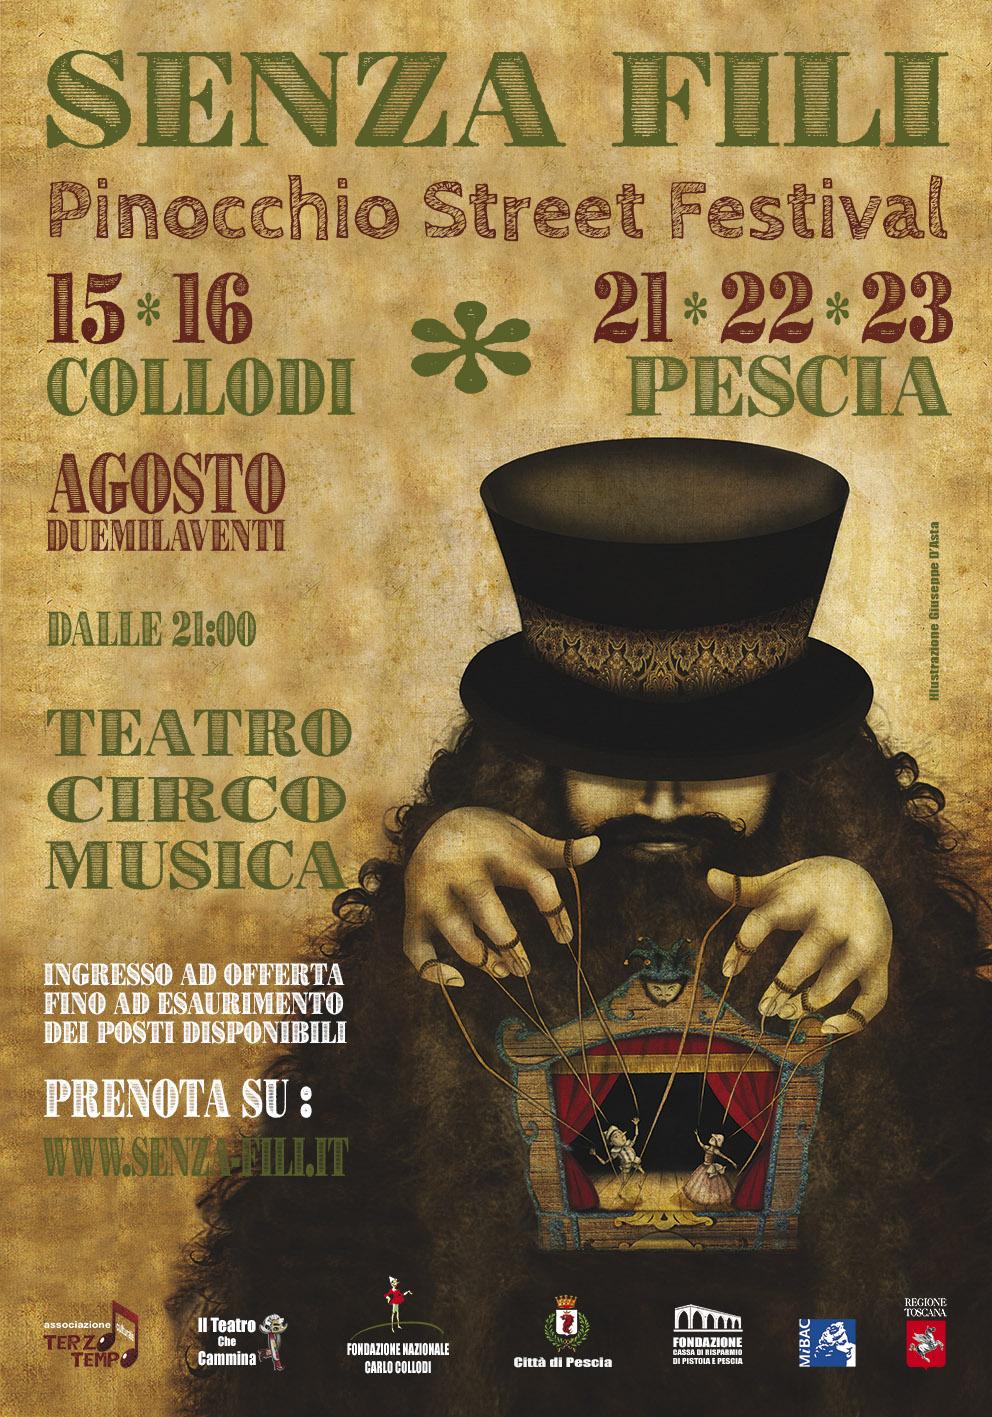 Pinocchio Street Festival Senza-fili Collodi Pescia